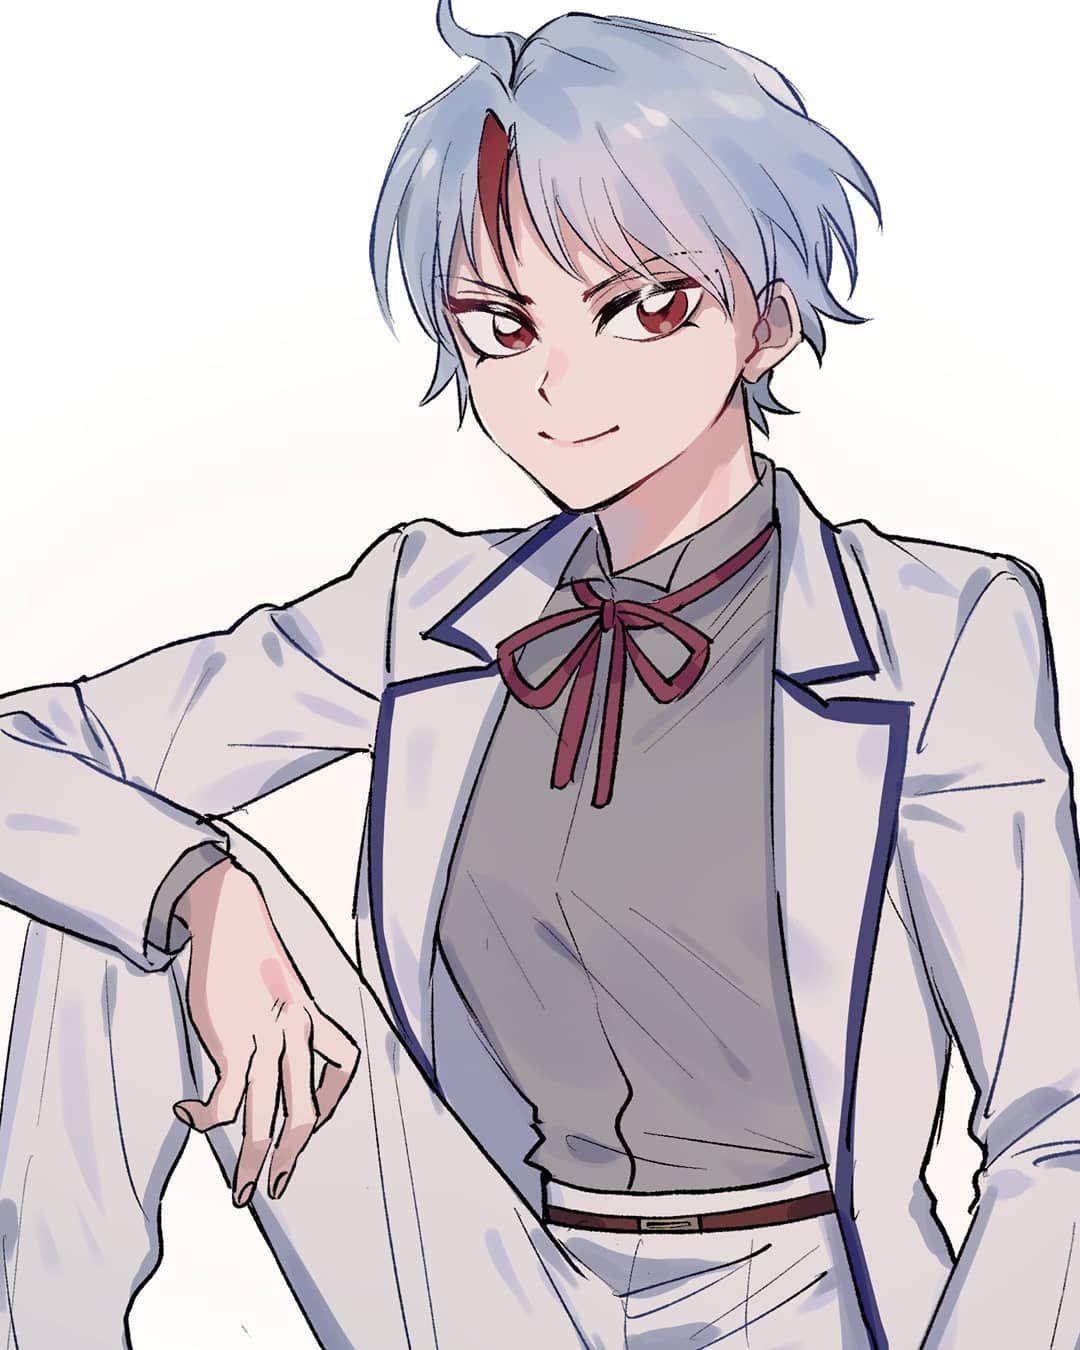 299 kedvelés, 0 hozzászólás 夜叉姫 (morohaofficial